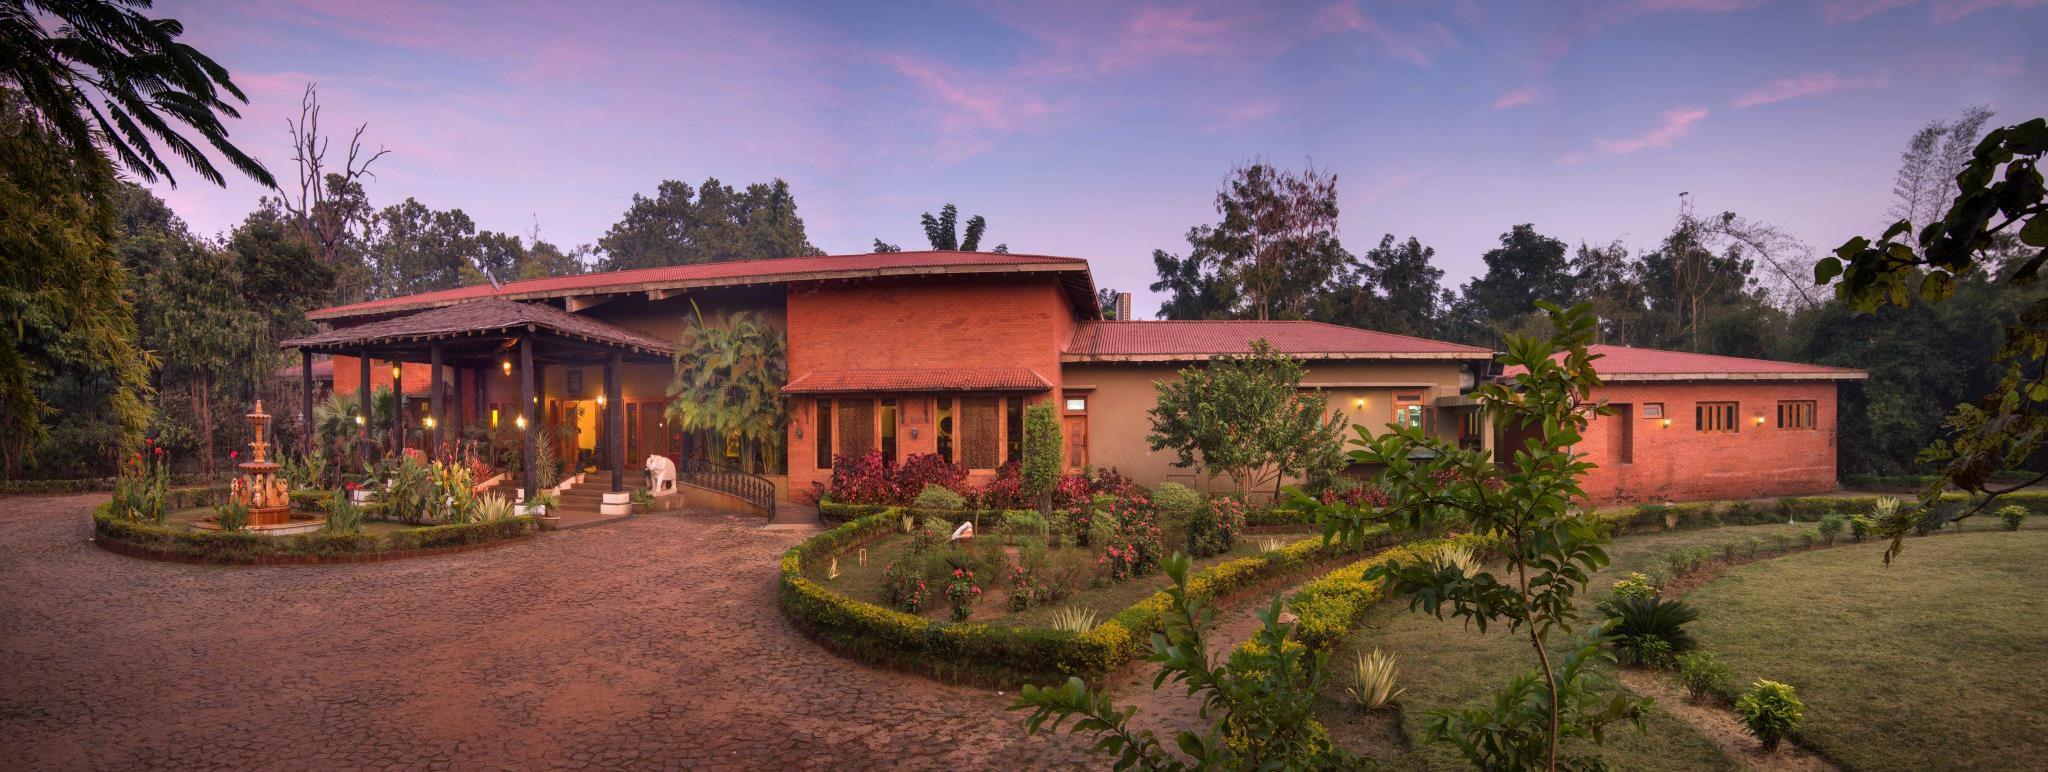 Syna Tiger Resort, Umaria